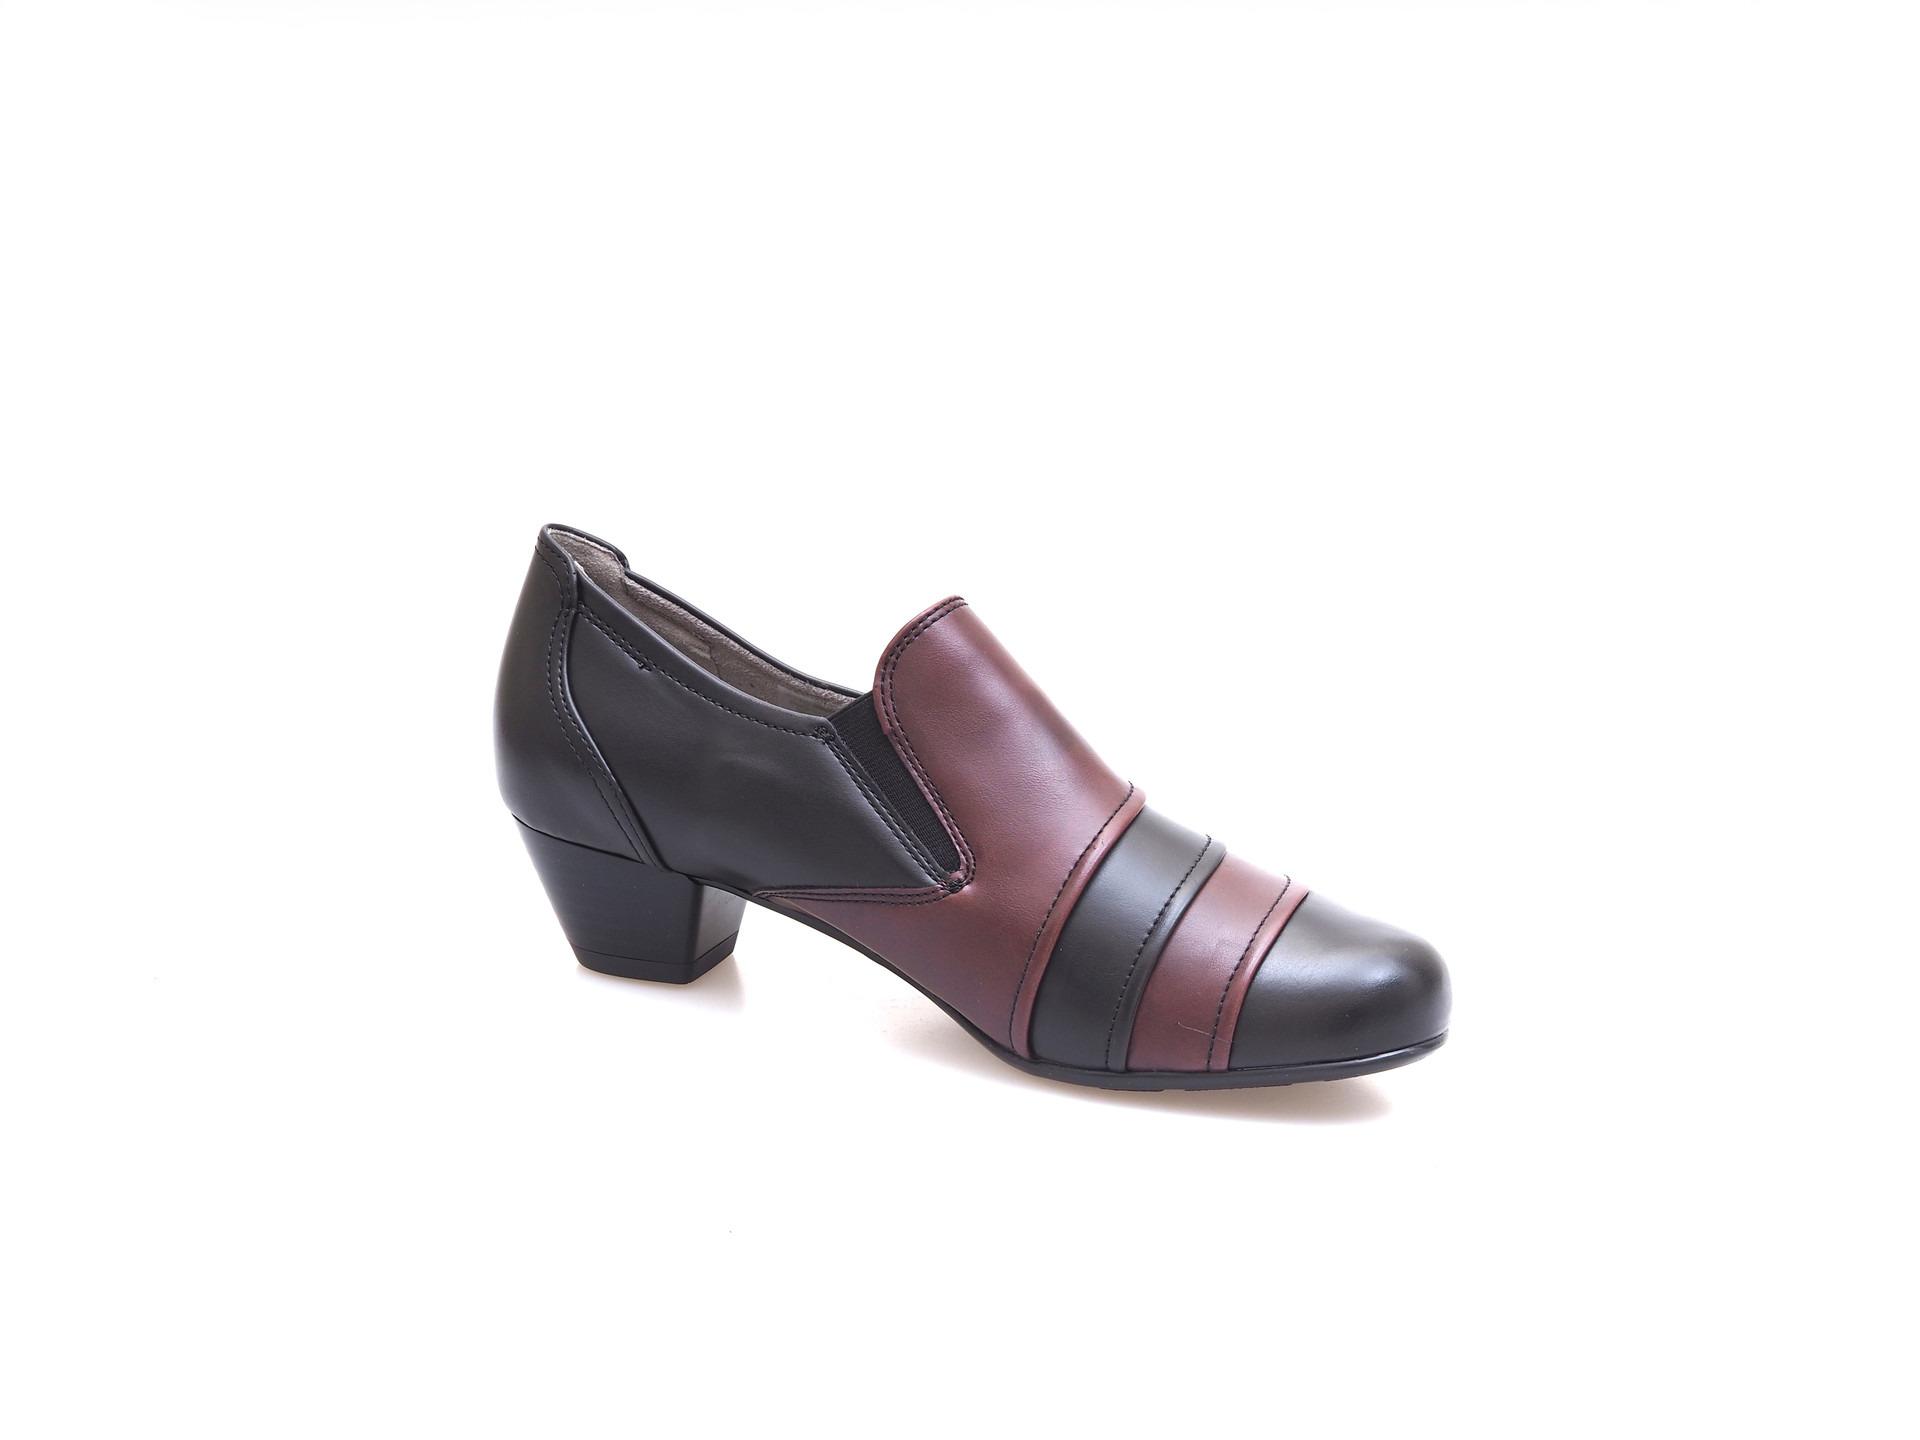 8870f314cc ARA - Poltopánky - Čierna dámska obuv členková Jenny